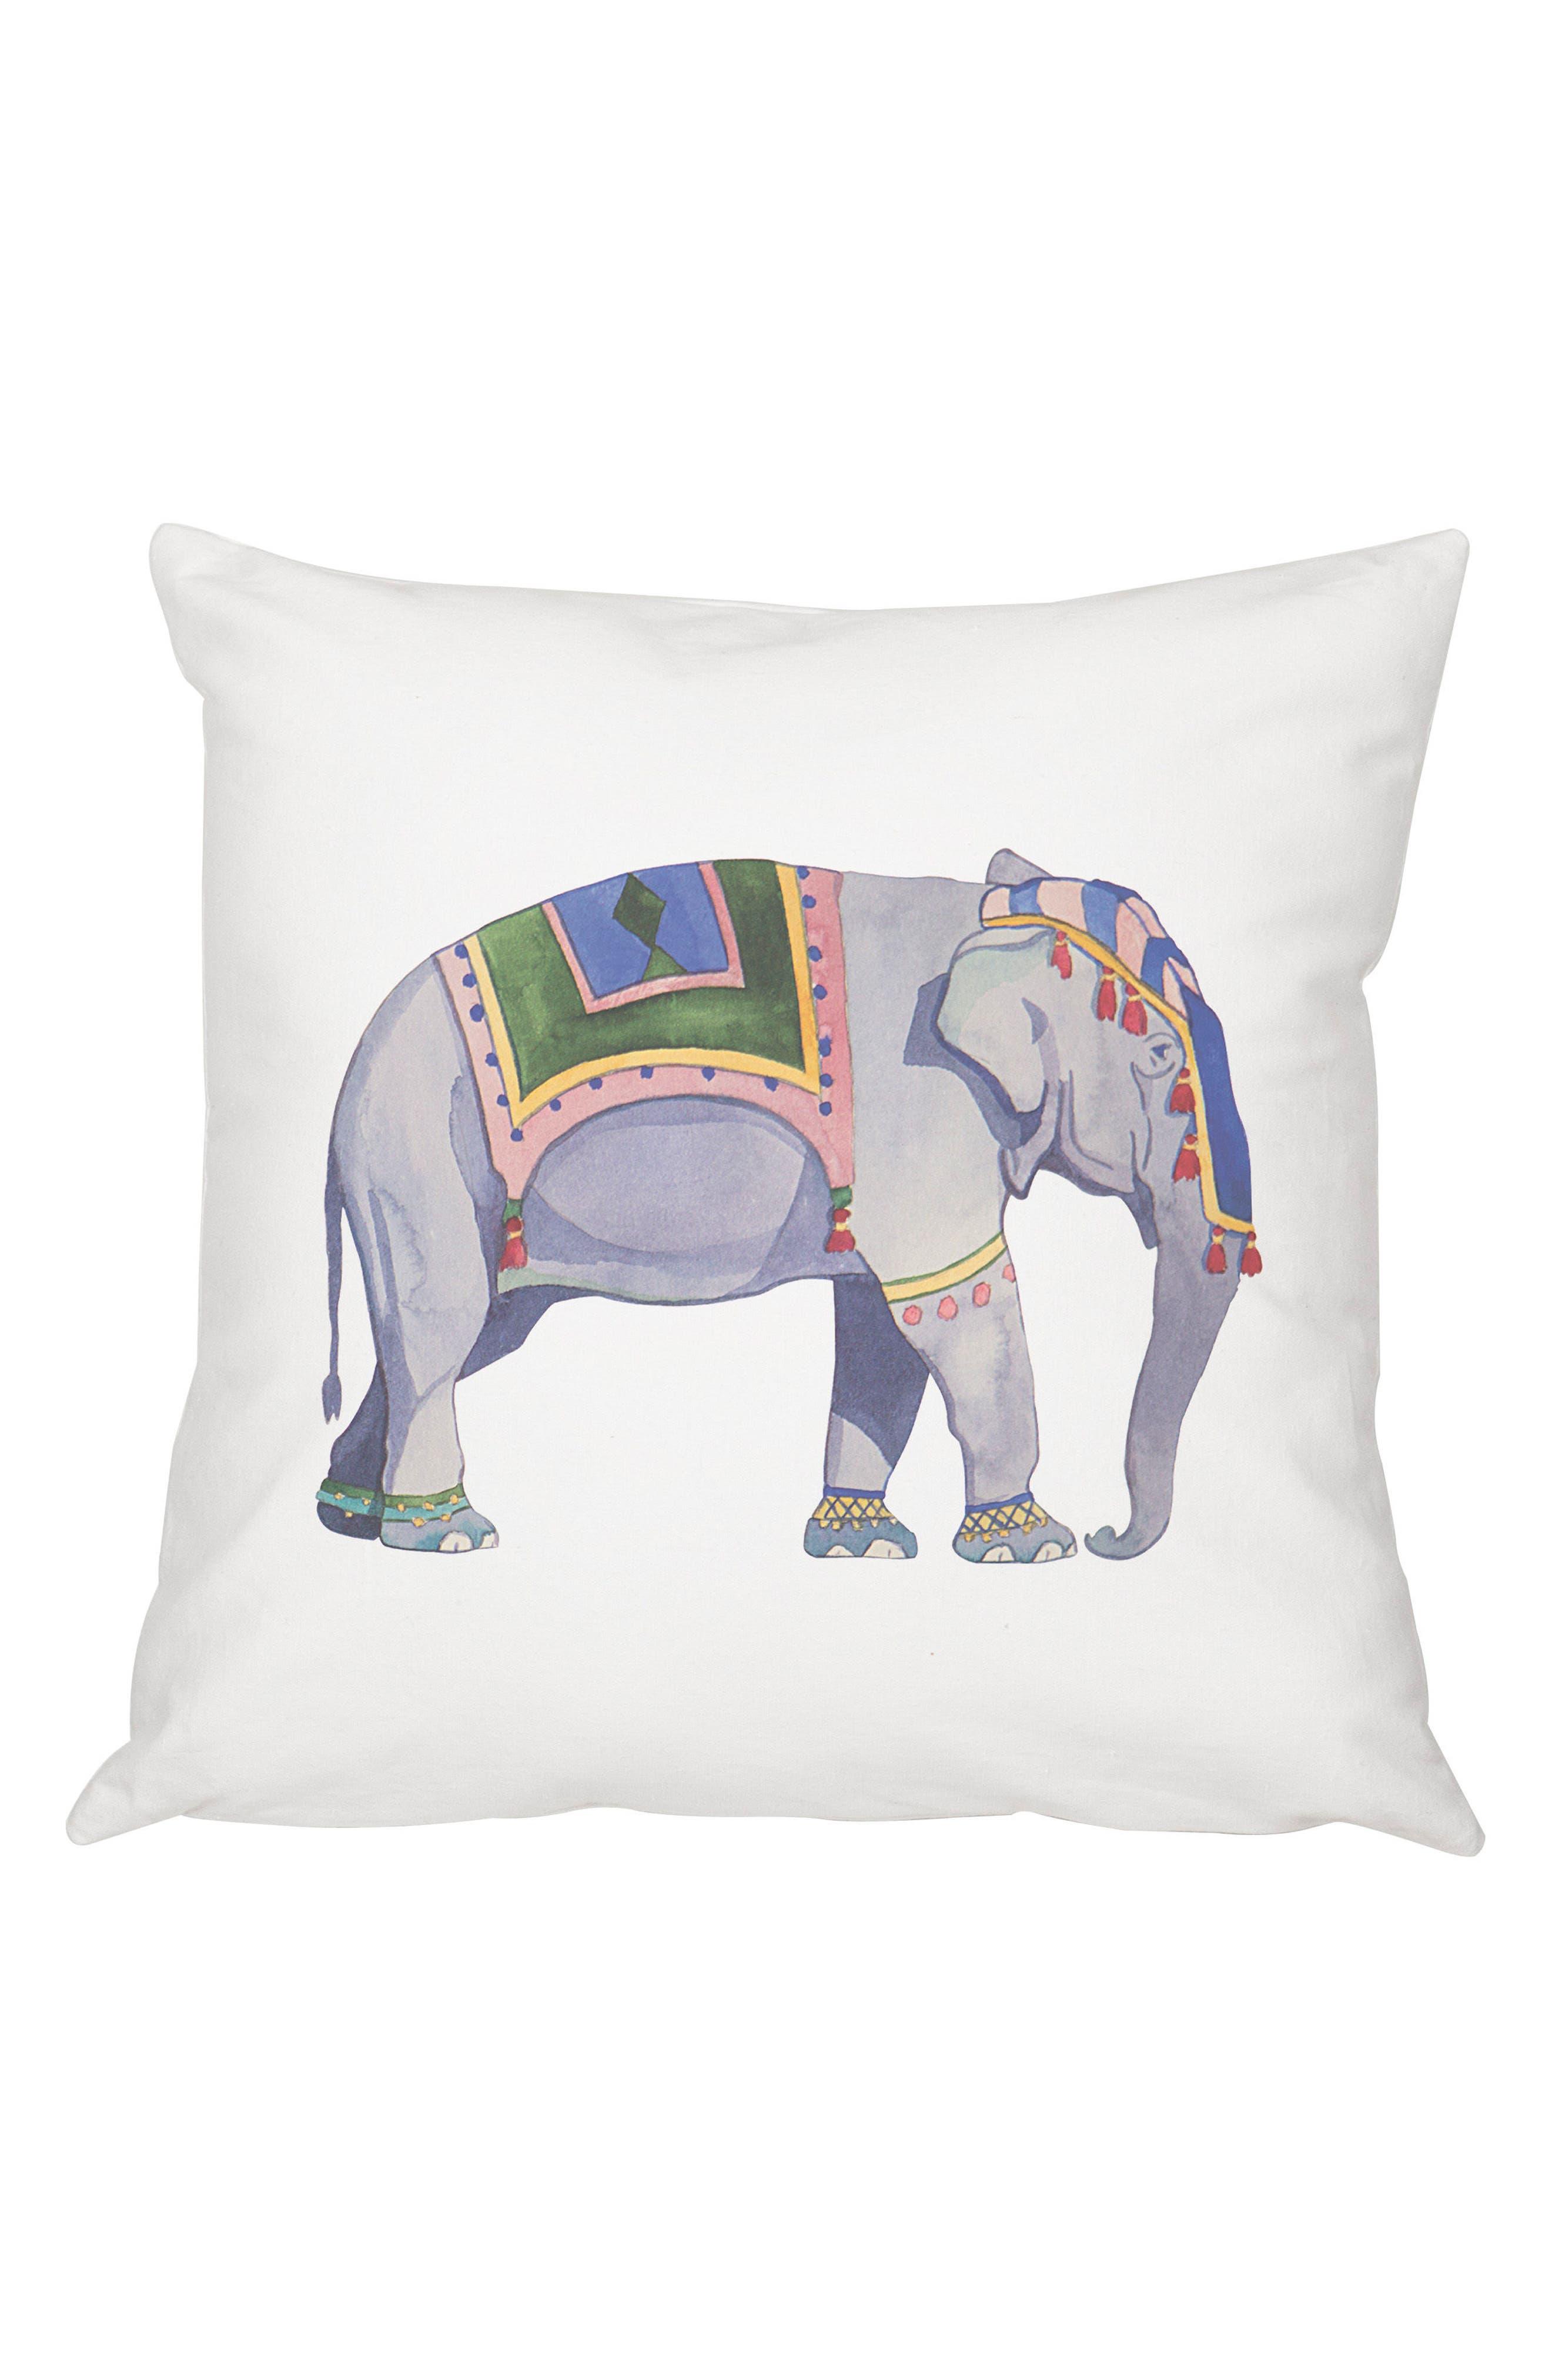 Elephant Accent Pillow,                             Main thumbnail 1, color,